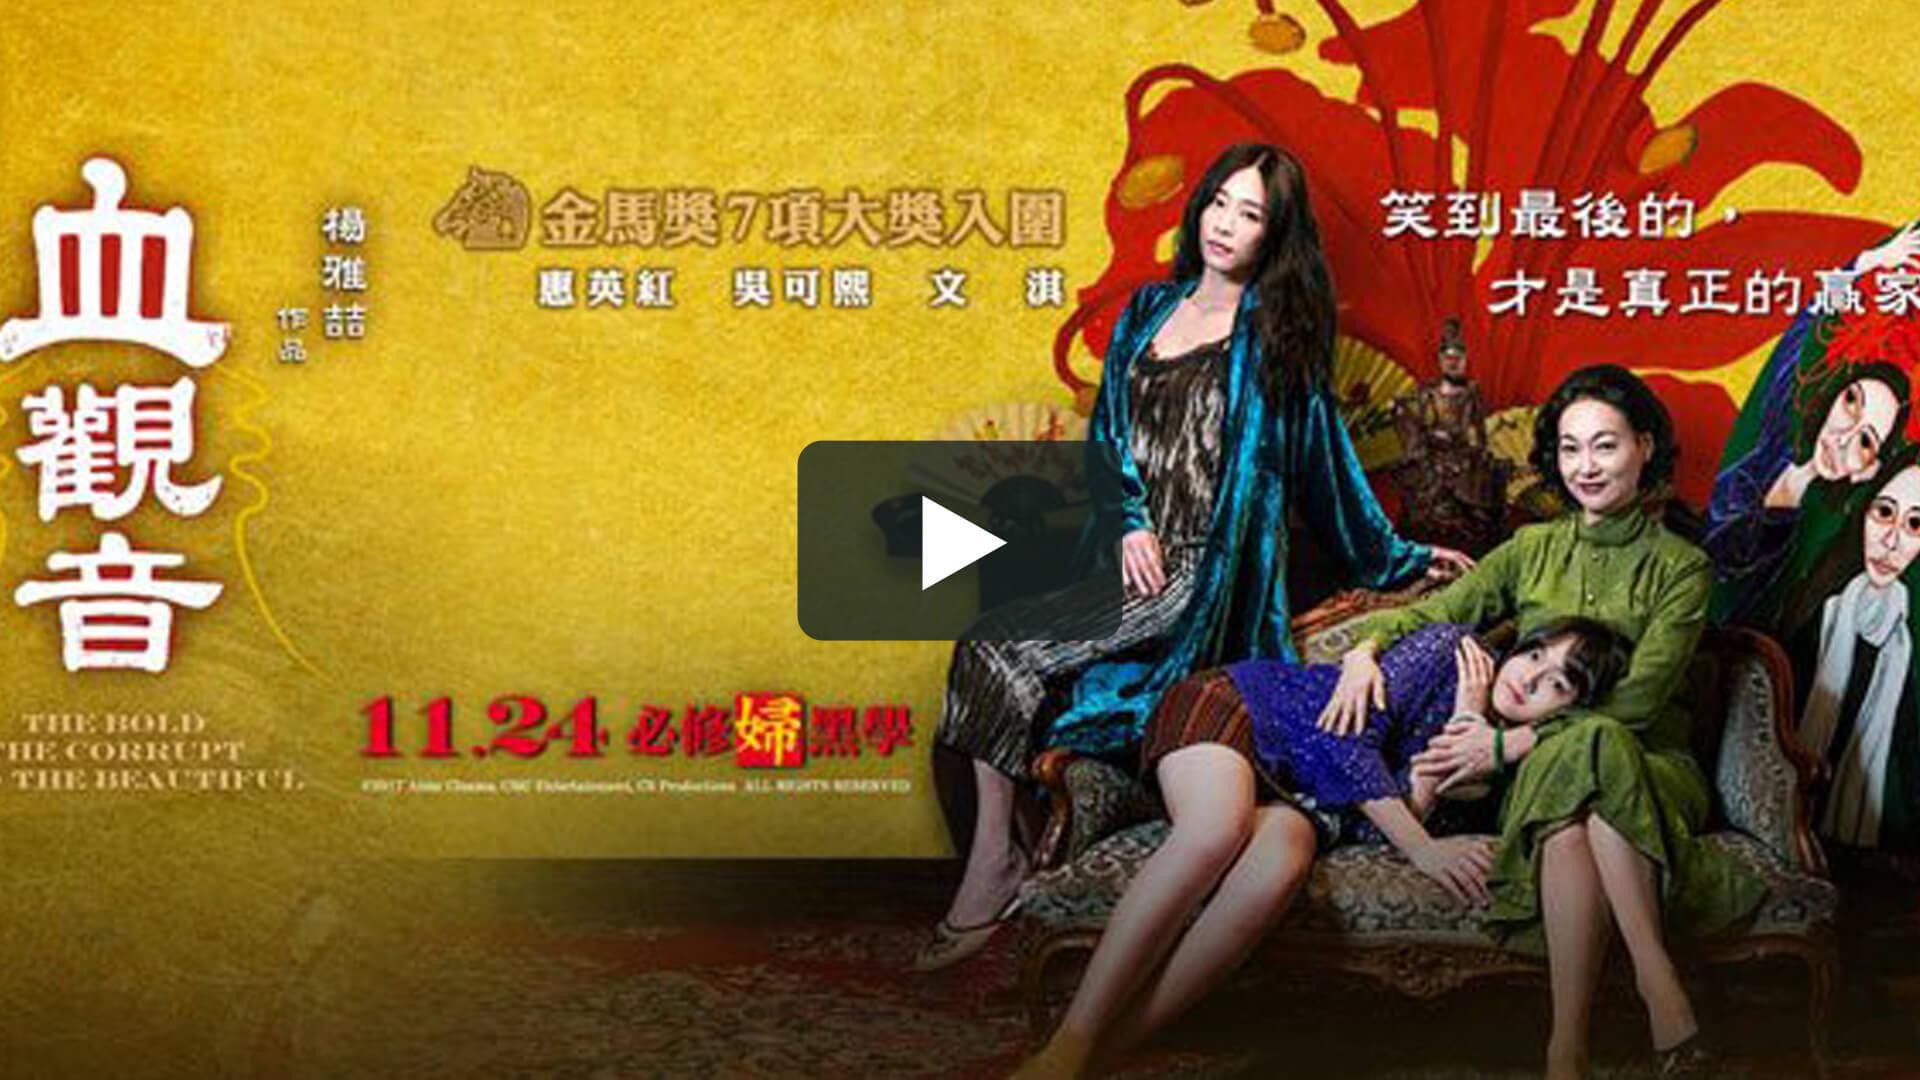 血觀音 - The Bold, the Corrupt, and the Beautiful